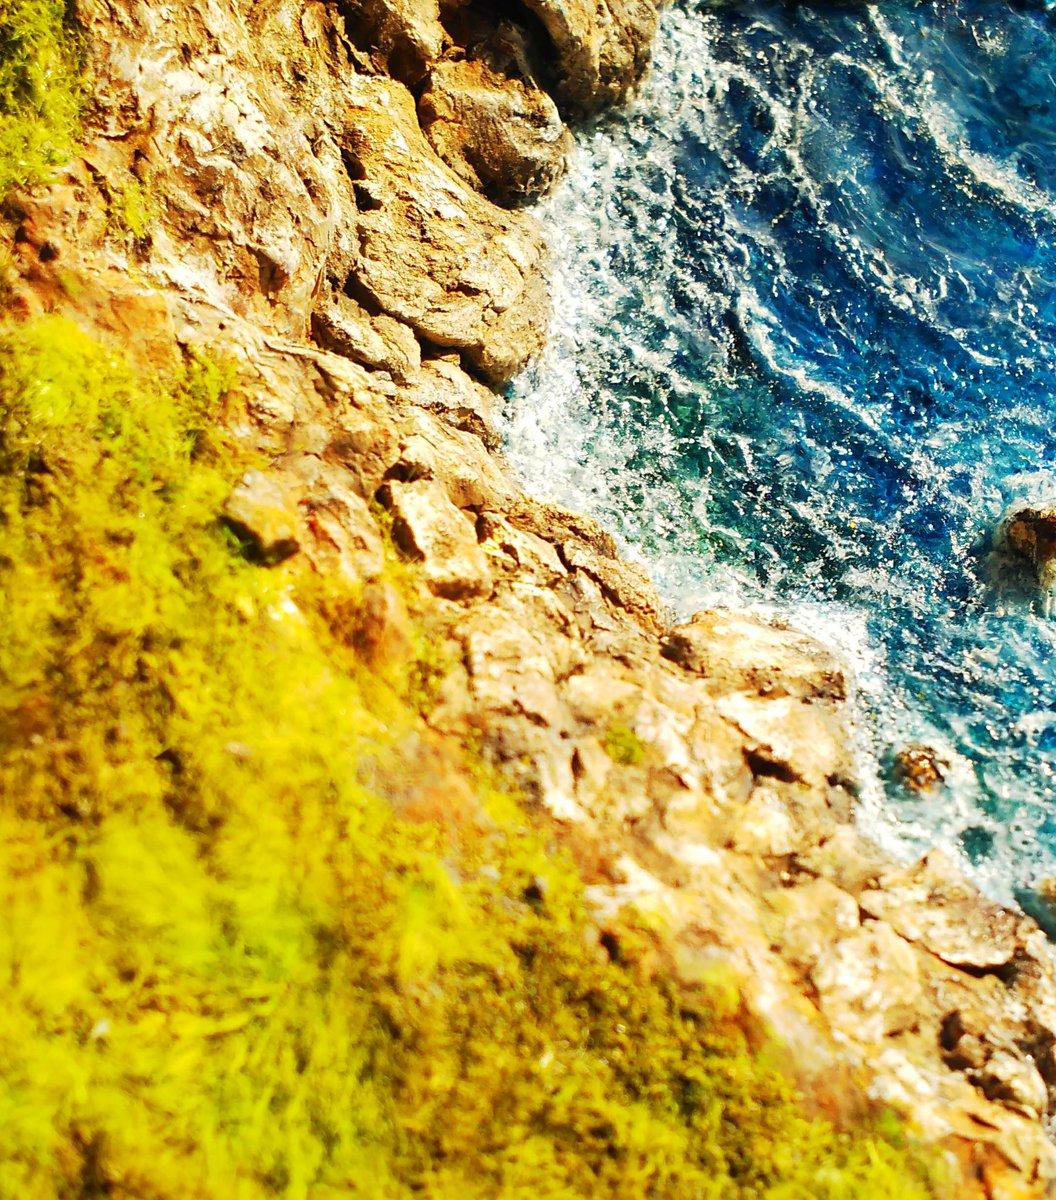 何回かやり直して最初にイメージしてた海に近づけたかも。  何枚か外で撮ってみたけど あっつー💦絶対日焼けしてる(笑)